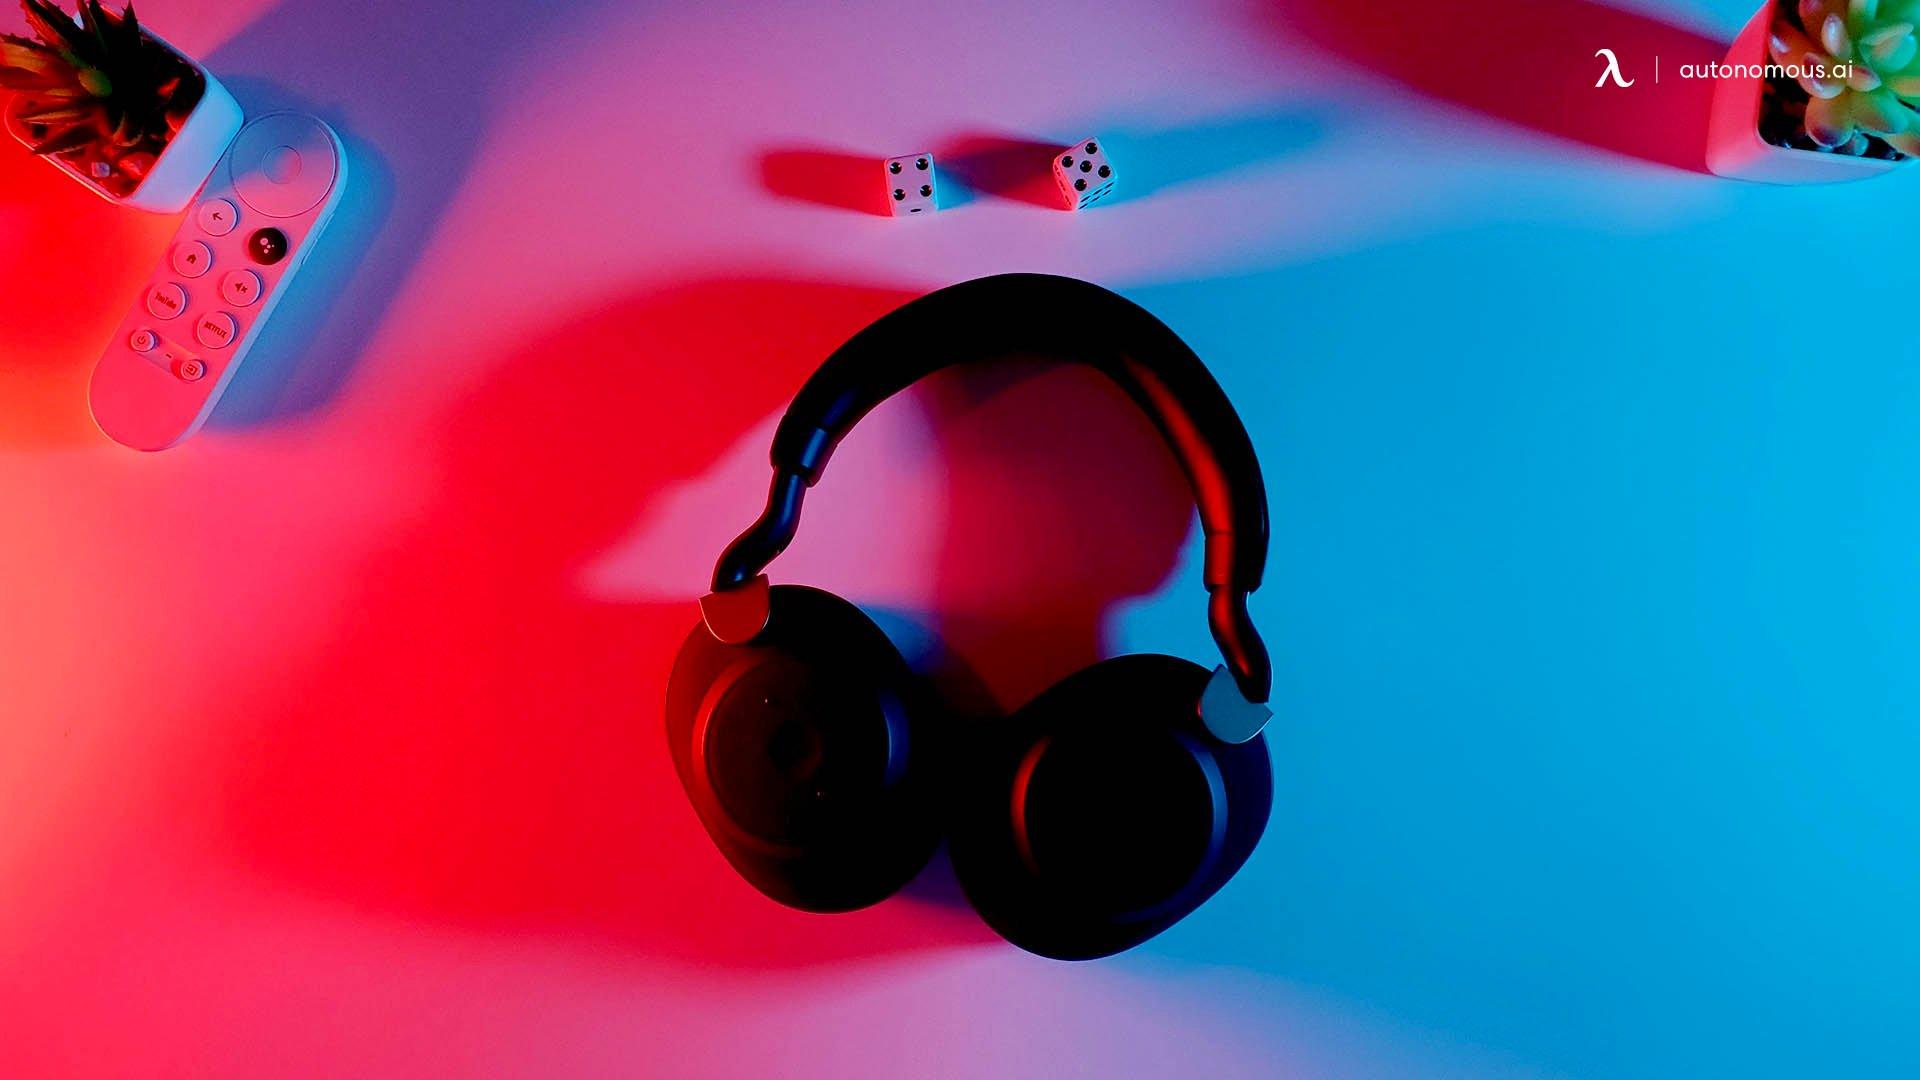 Opt for Headphones Over Speakers